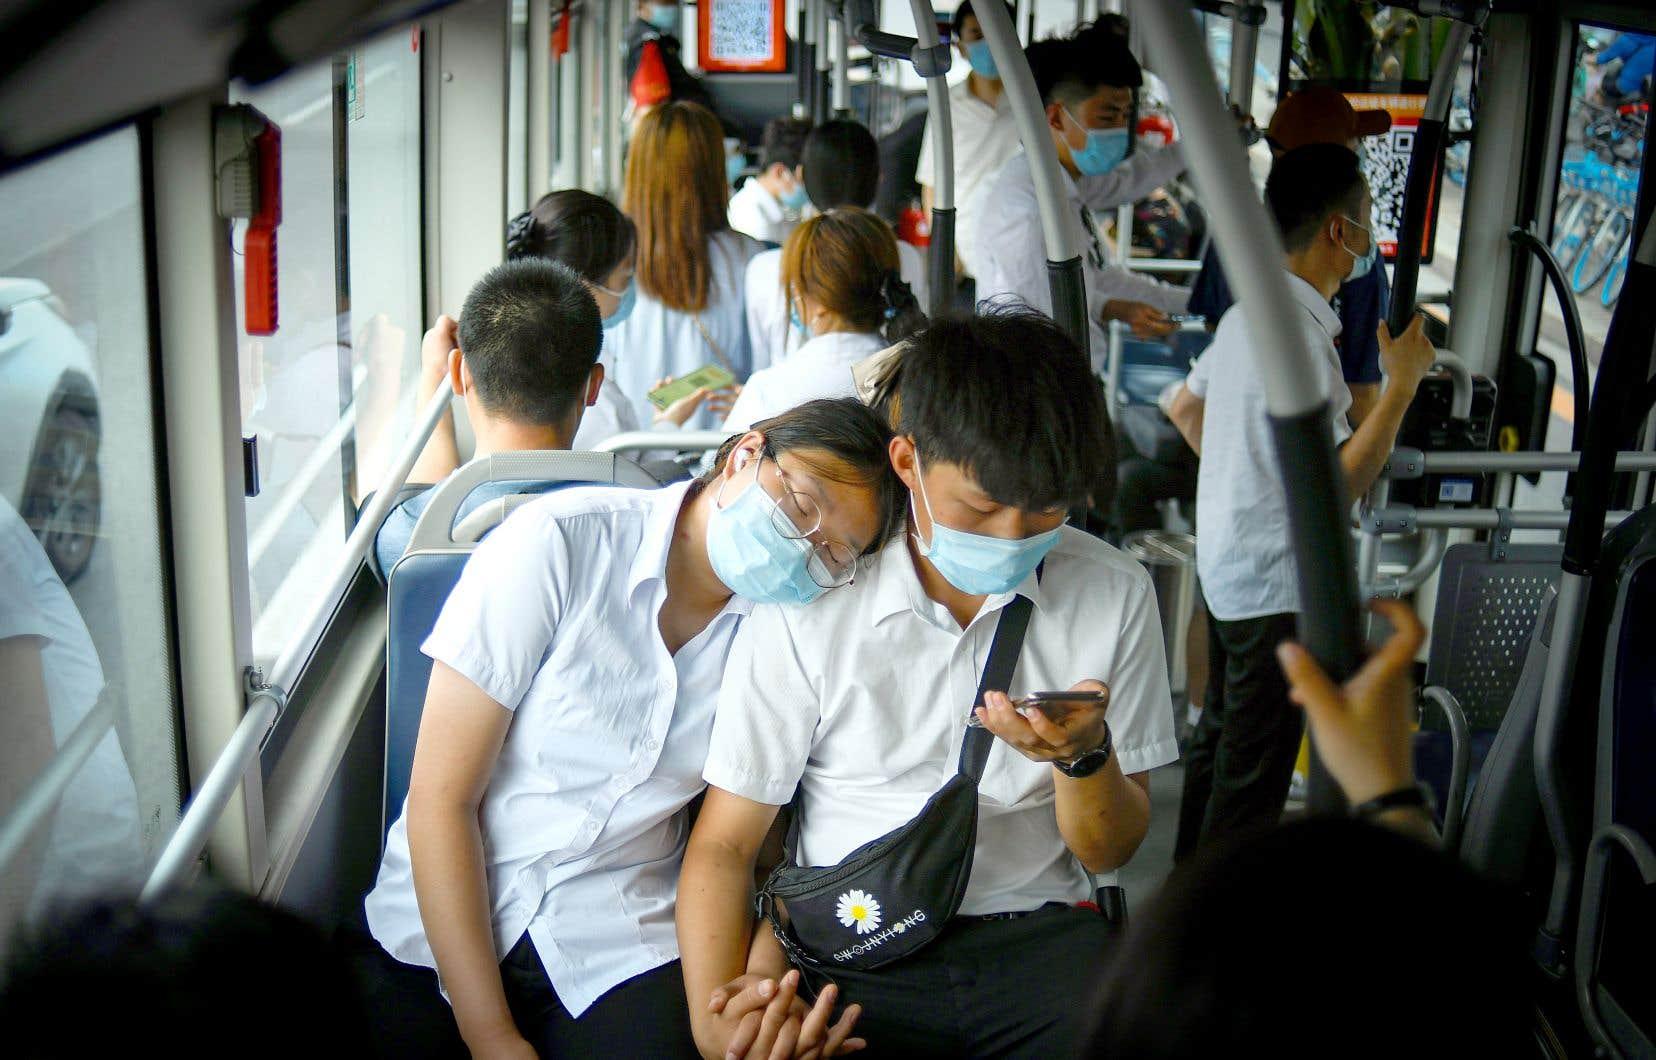 Un couple masqué est photographié pendant son trajet en autobus à Pékin, en Chine. La région de la capitale traverse présentement une hausse de la contagion.